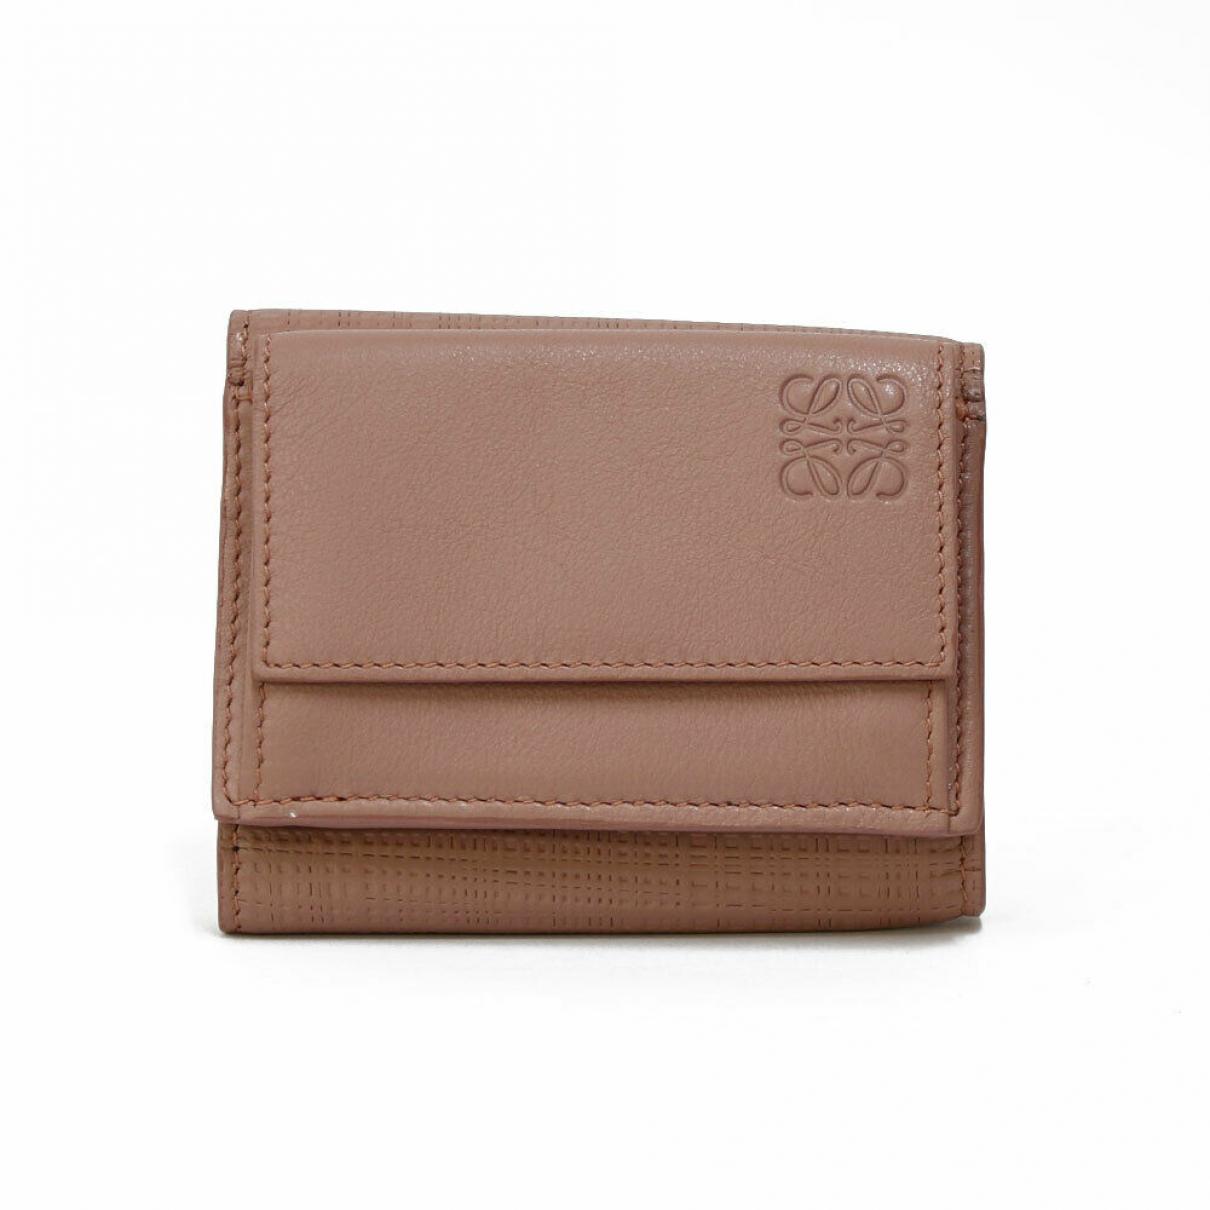 Loewe \N Portemonnaie in  Braun Leder